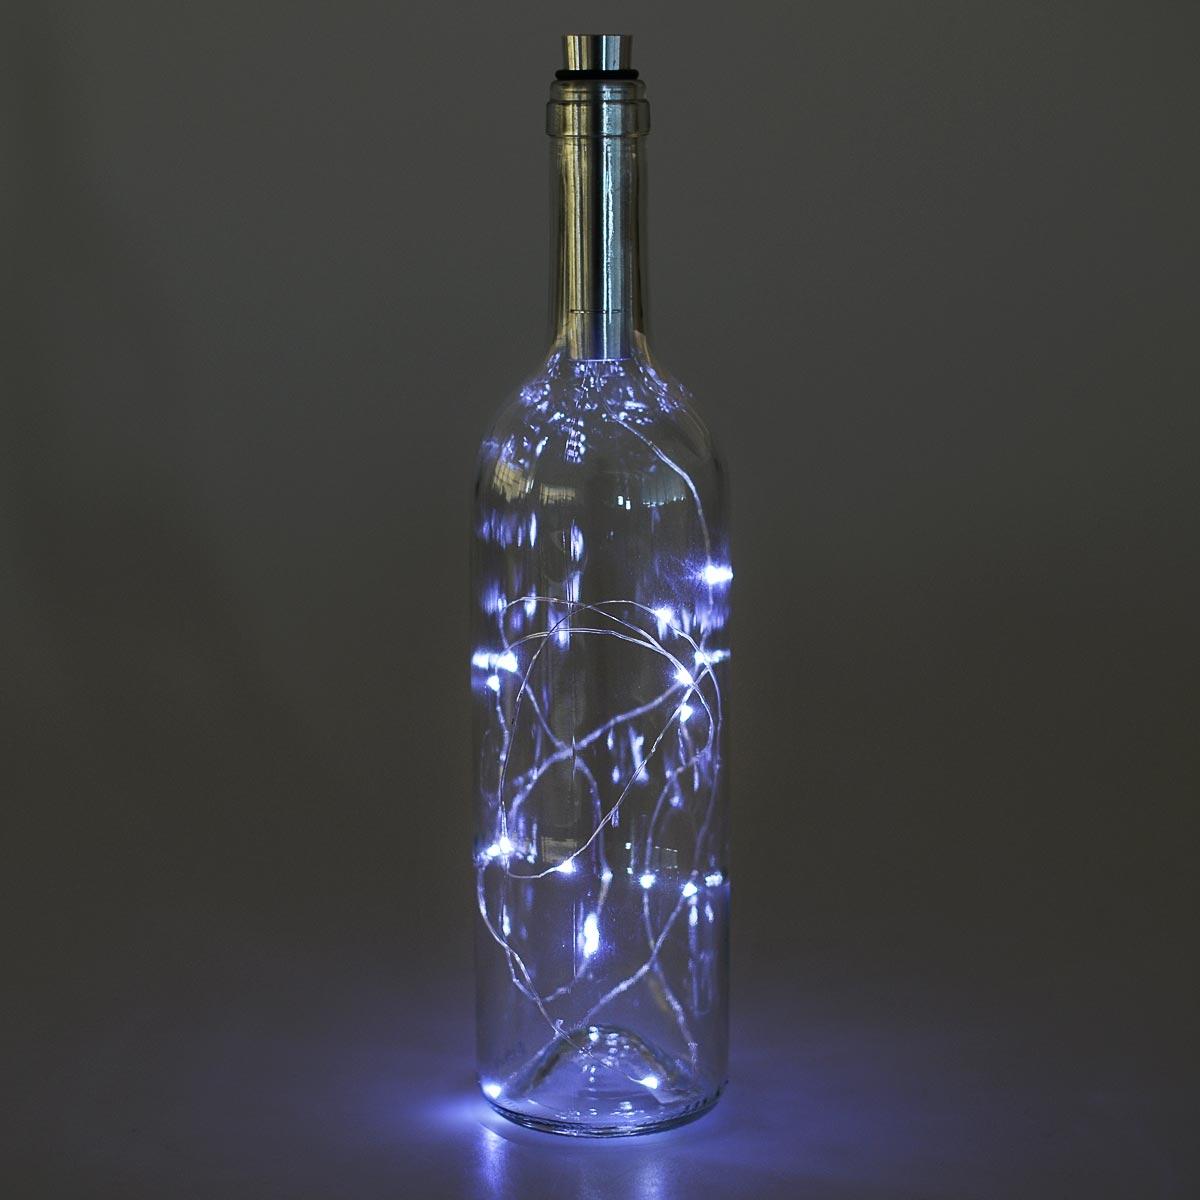 Διακοσμητικό φωτιστικό σε μπουκάλι κρασιού με LED φωτισμό - Διάφανο - OEM 52264